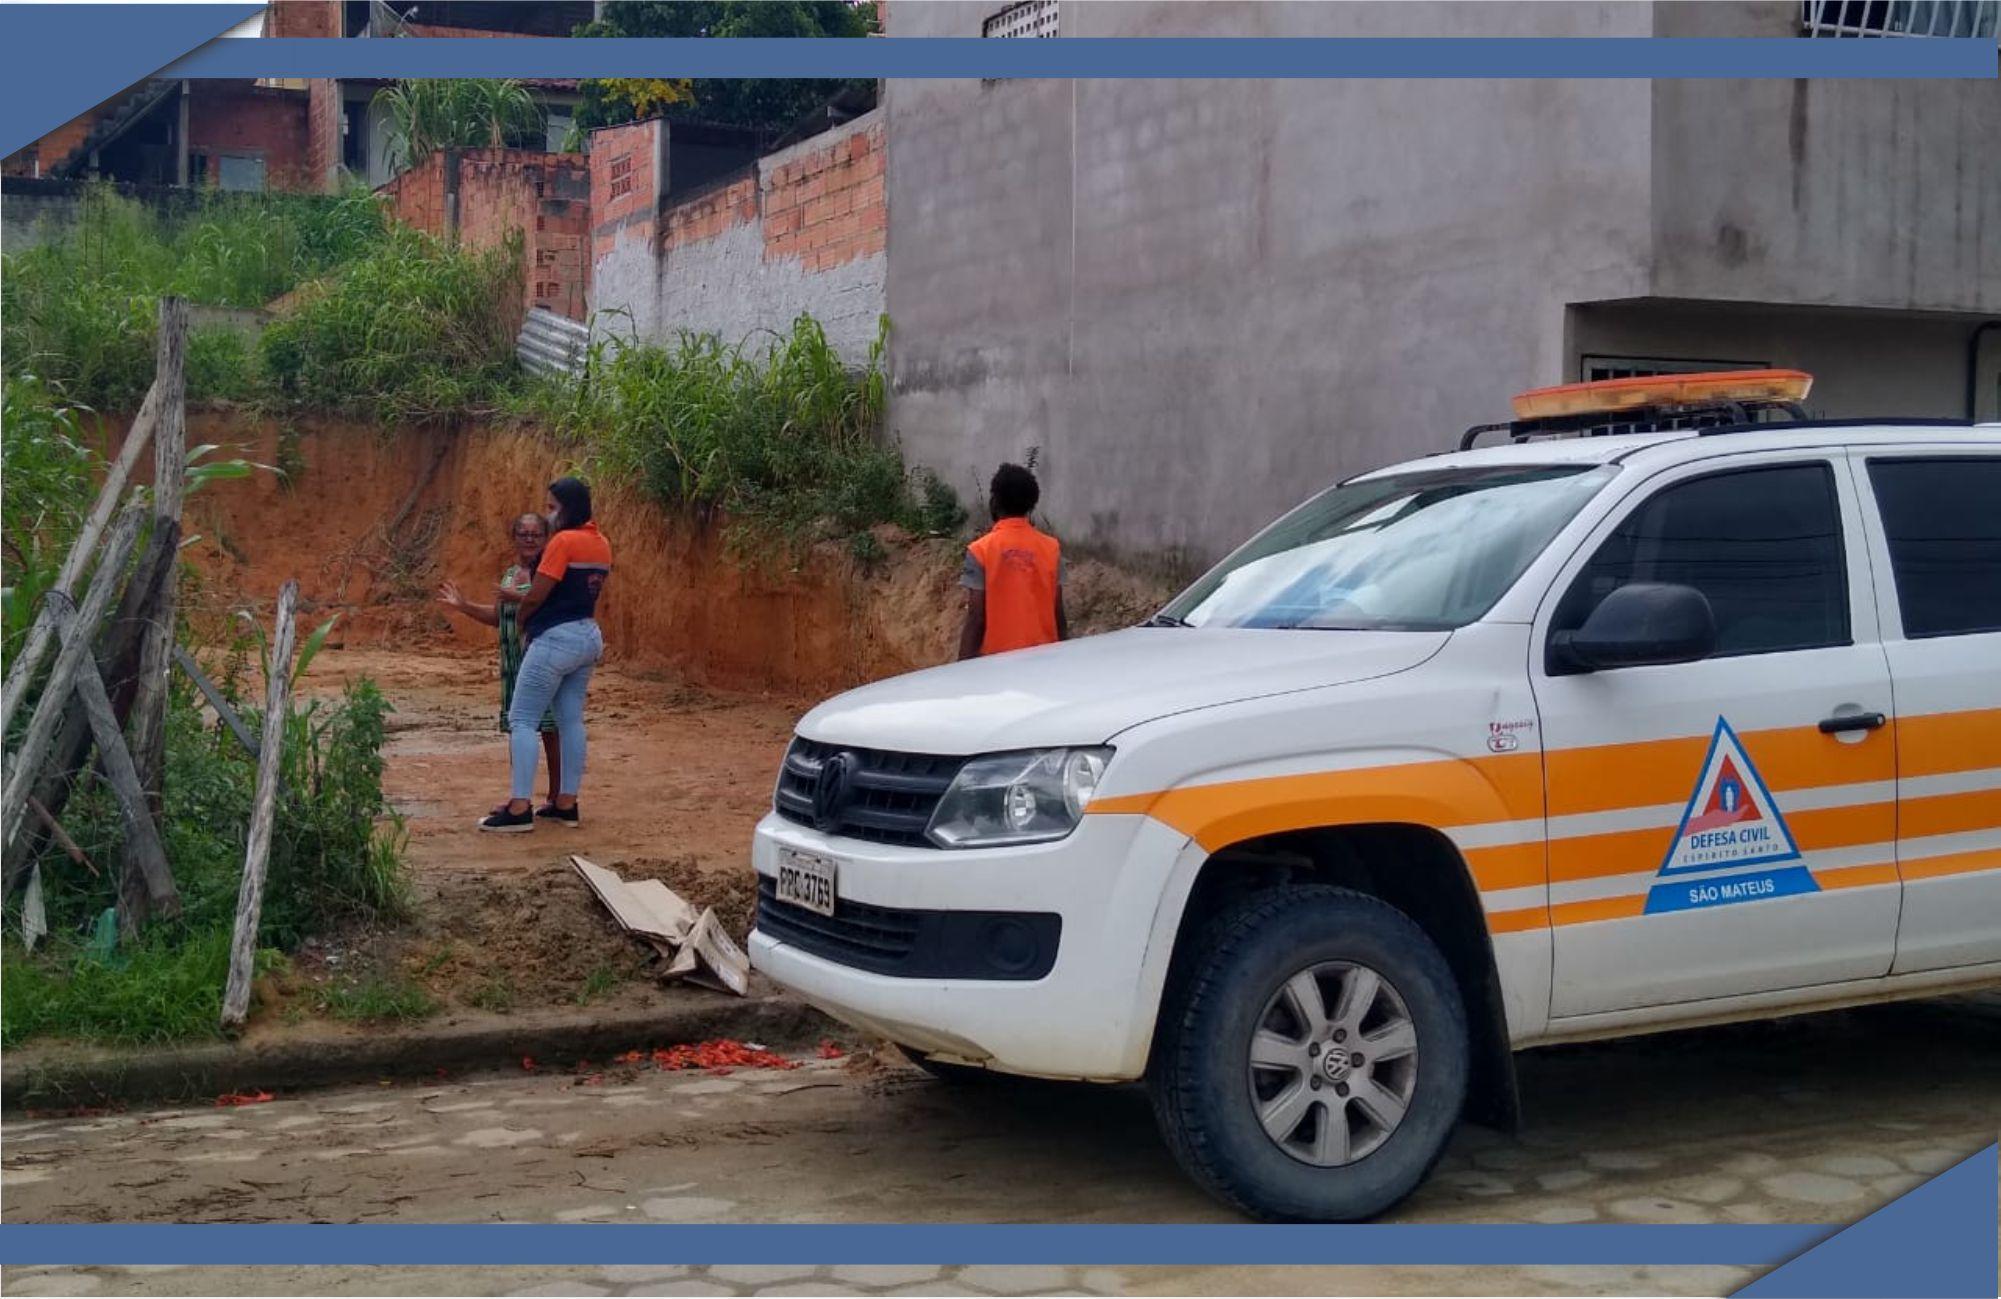 CHUVAS EM SÃO MATEUS: PREFEITURA CONTINUA MONITORANDO ÁREAS DE RISCO